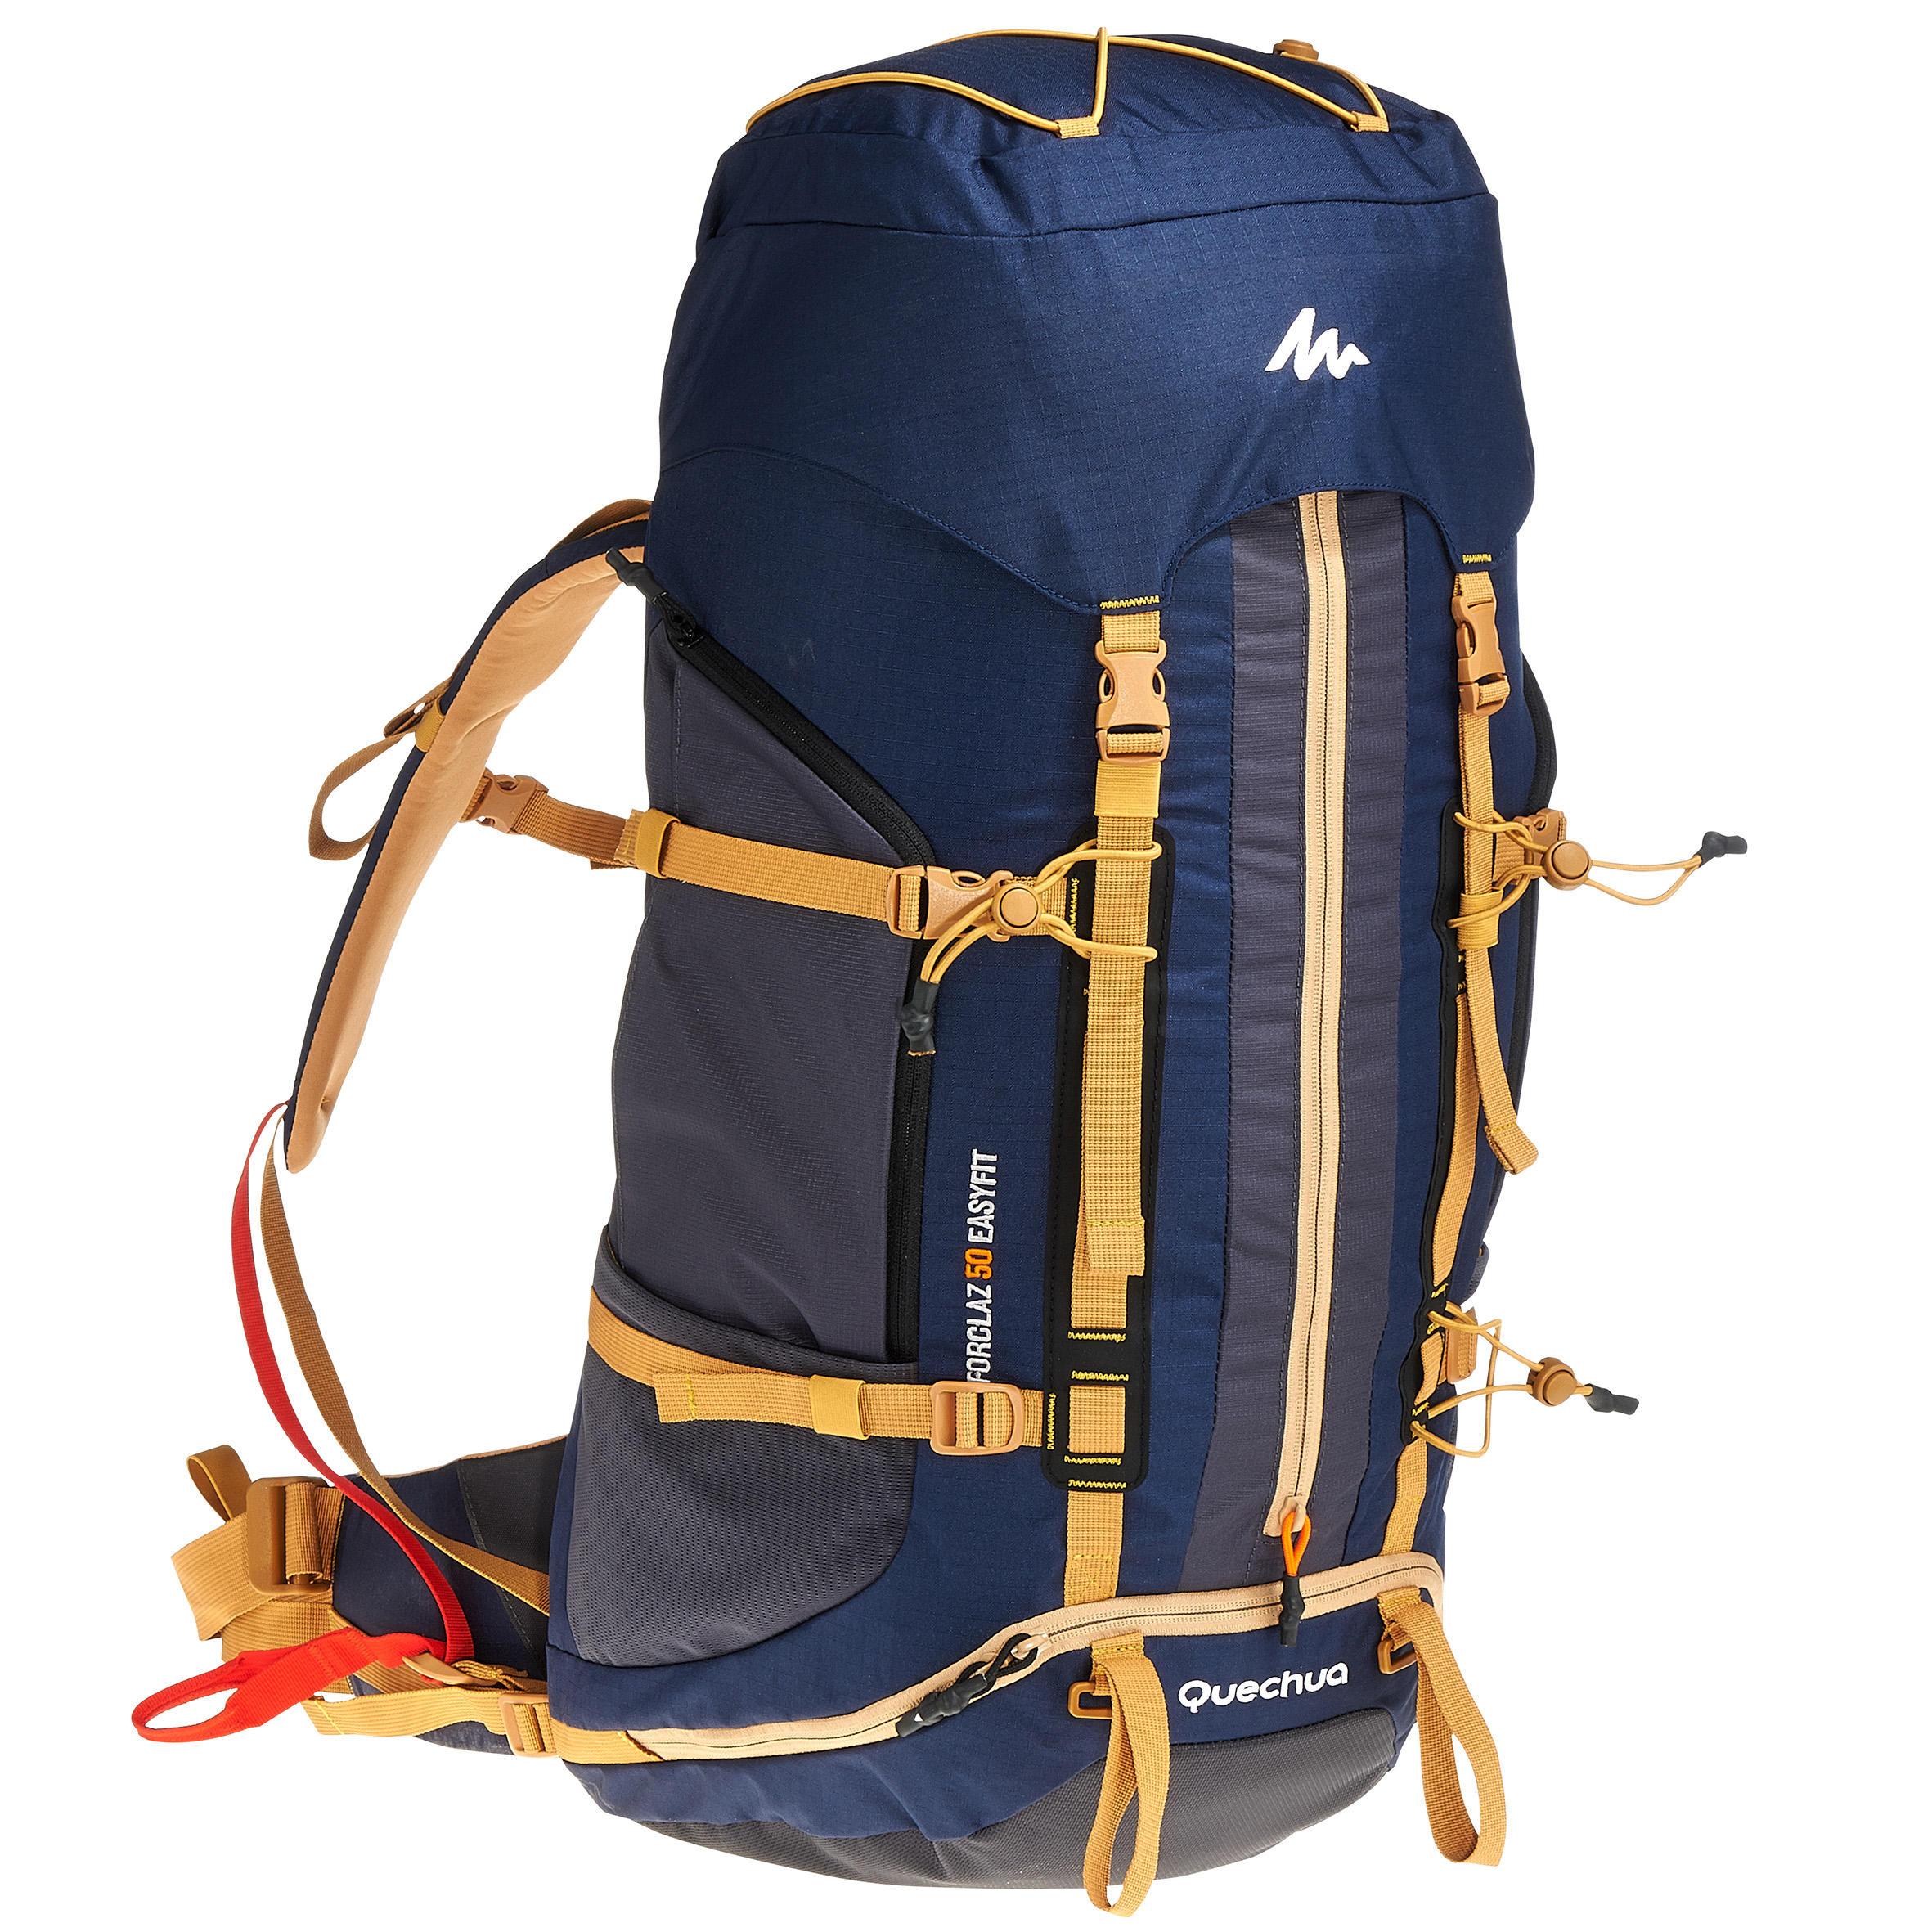 Sac à dos de randonnée sur plusieurs jours Easyfit homme 50 litres bleu